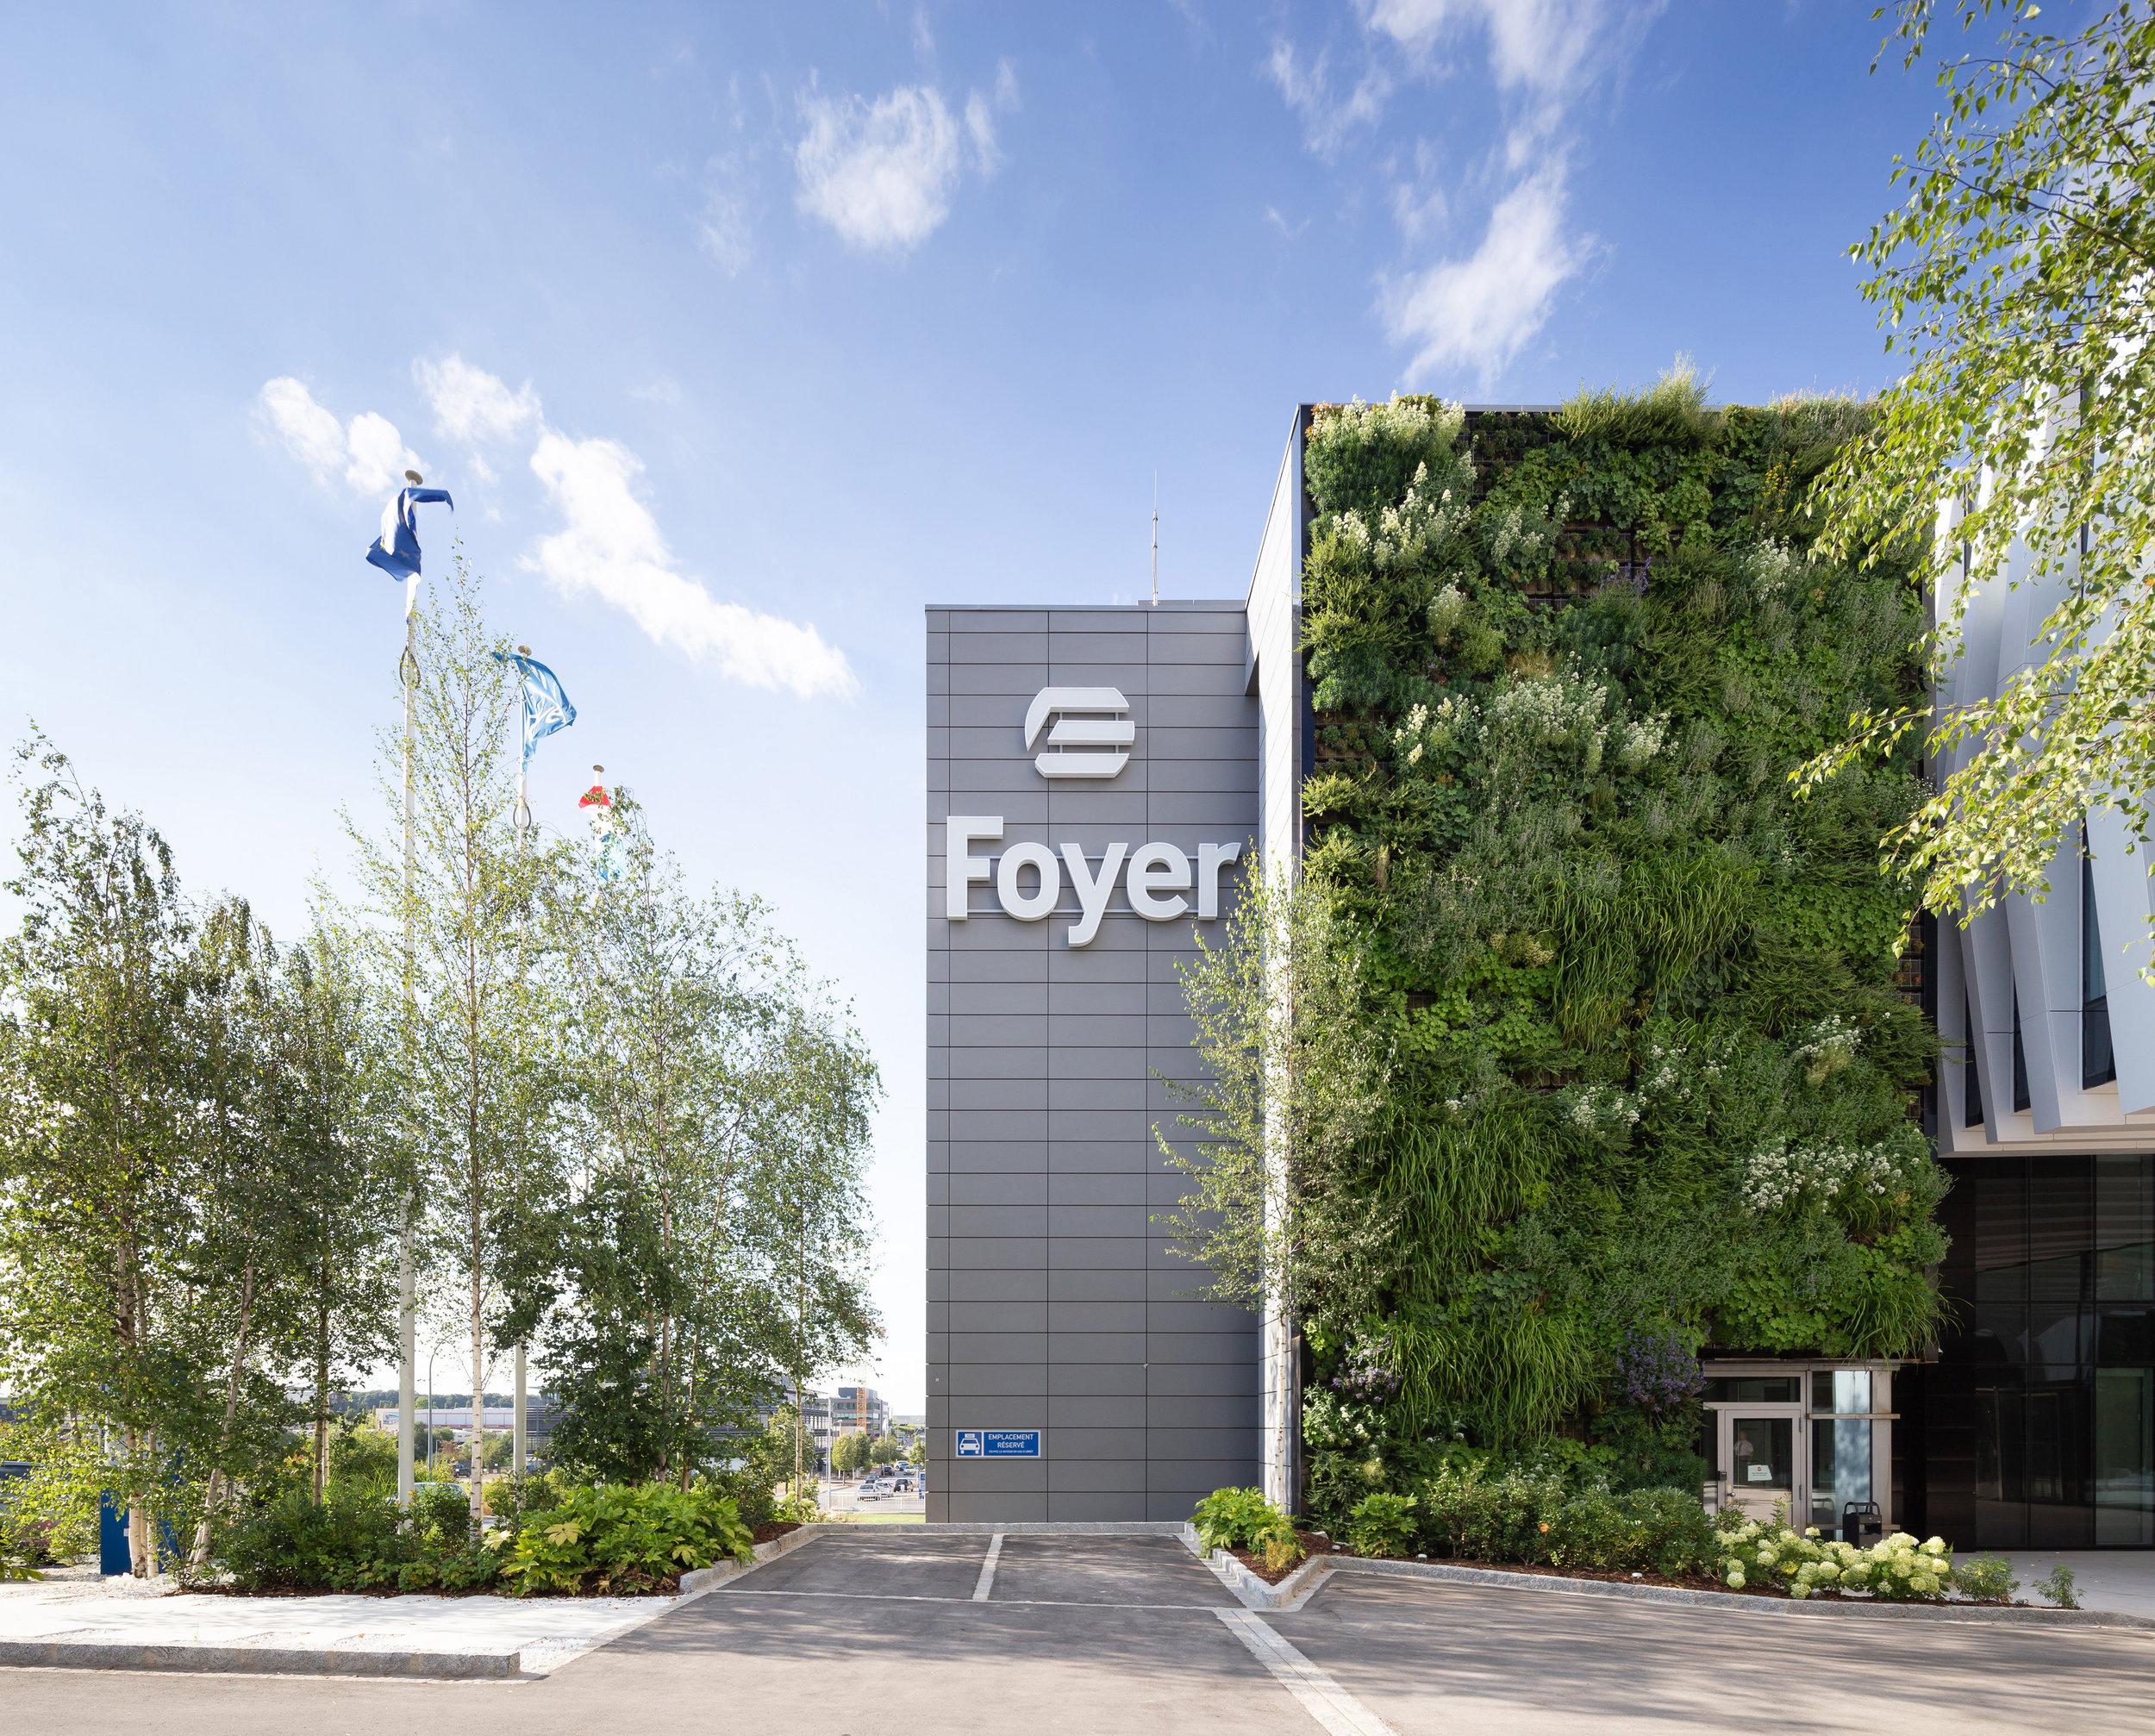 office_foyer_insurance_luxembourg_outdoor_landscape_designer_christophe_gautrand_8.jpg